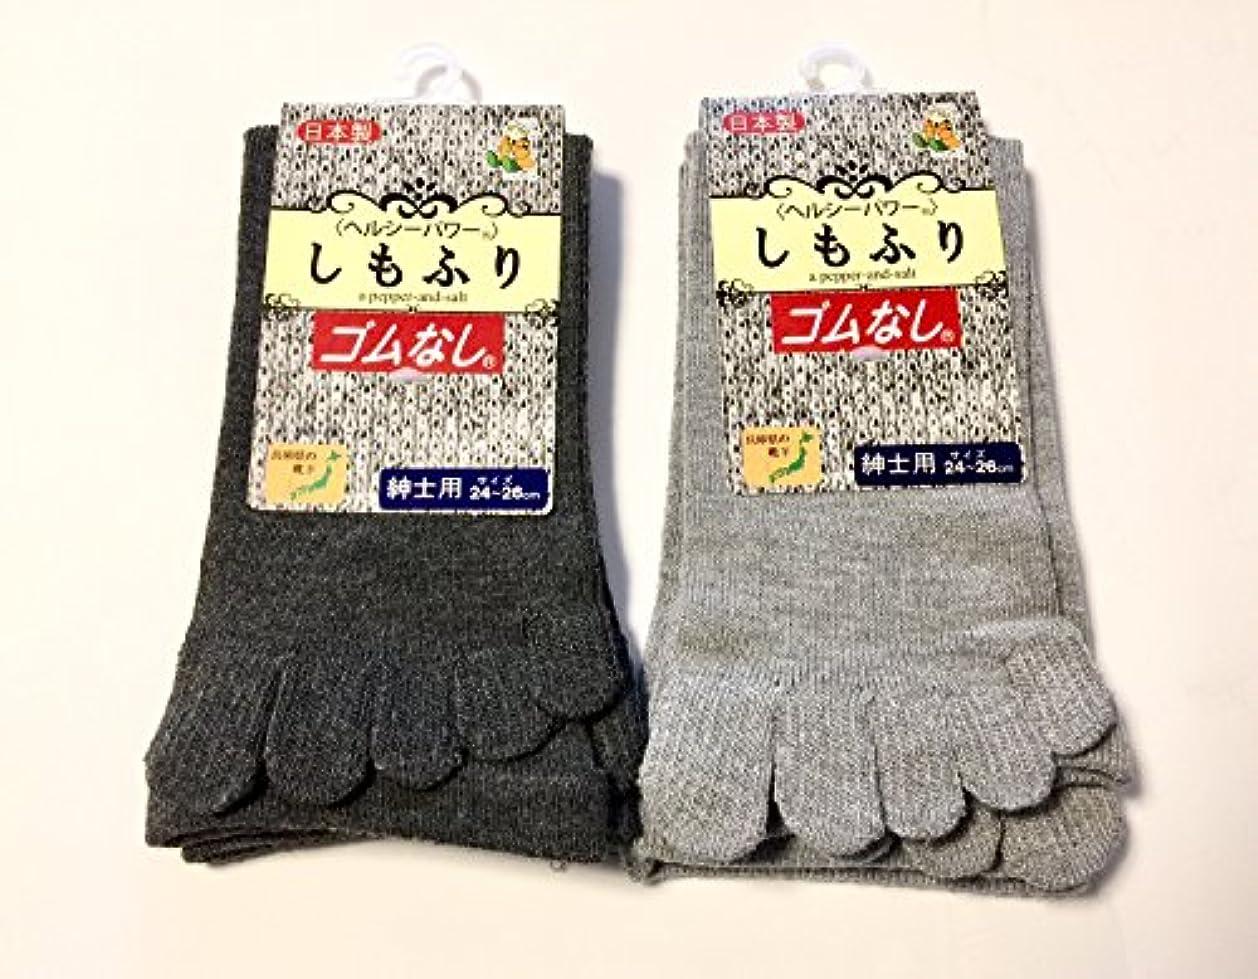 光沢のある植物学者5本指ソックス メンズ 日本製 口ゴムなし しめつけない靴下 24~26cm 2色2足組